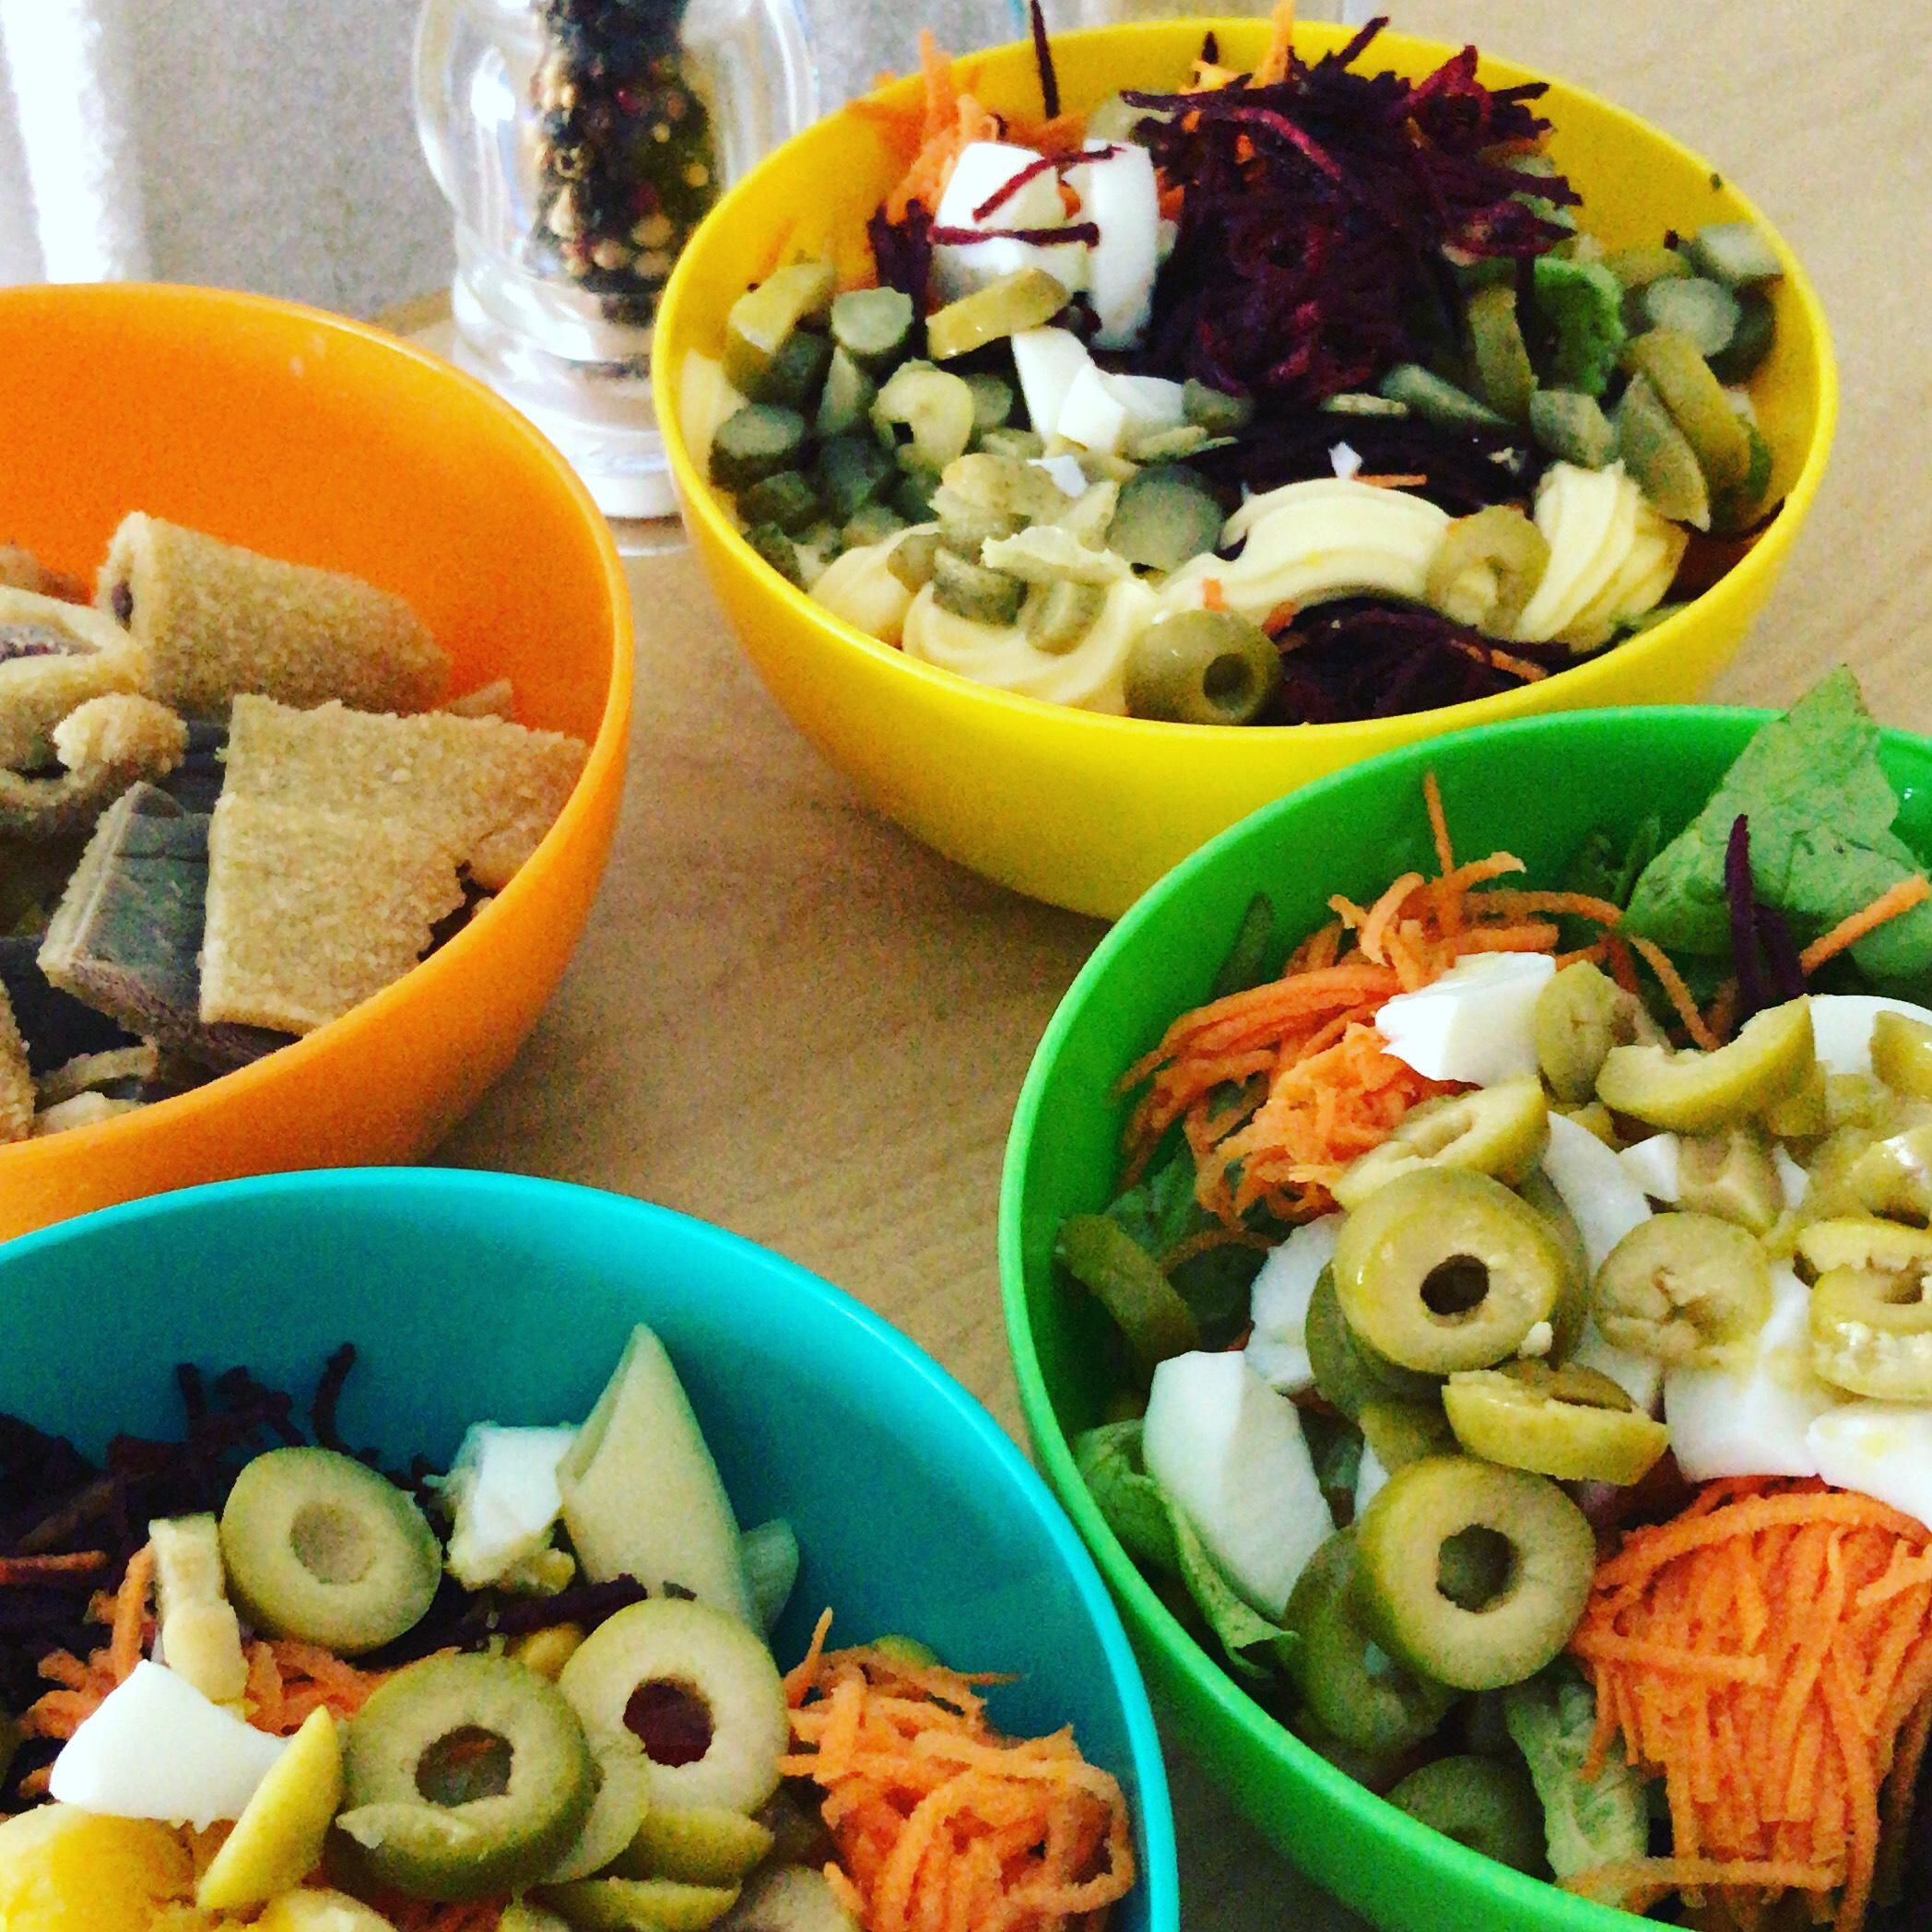 platos con ensalada para acompañar el asado